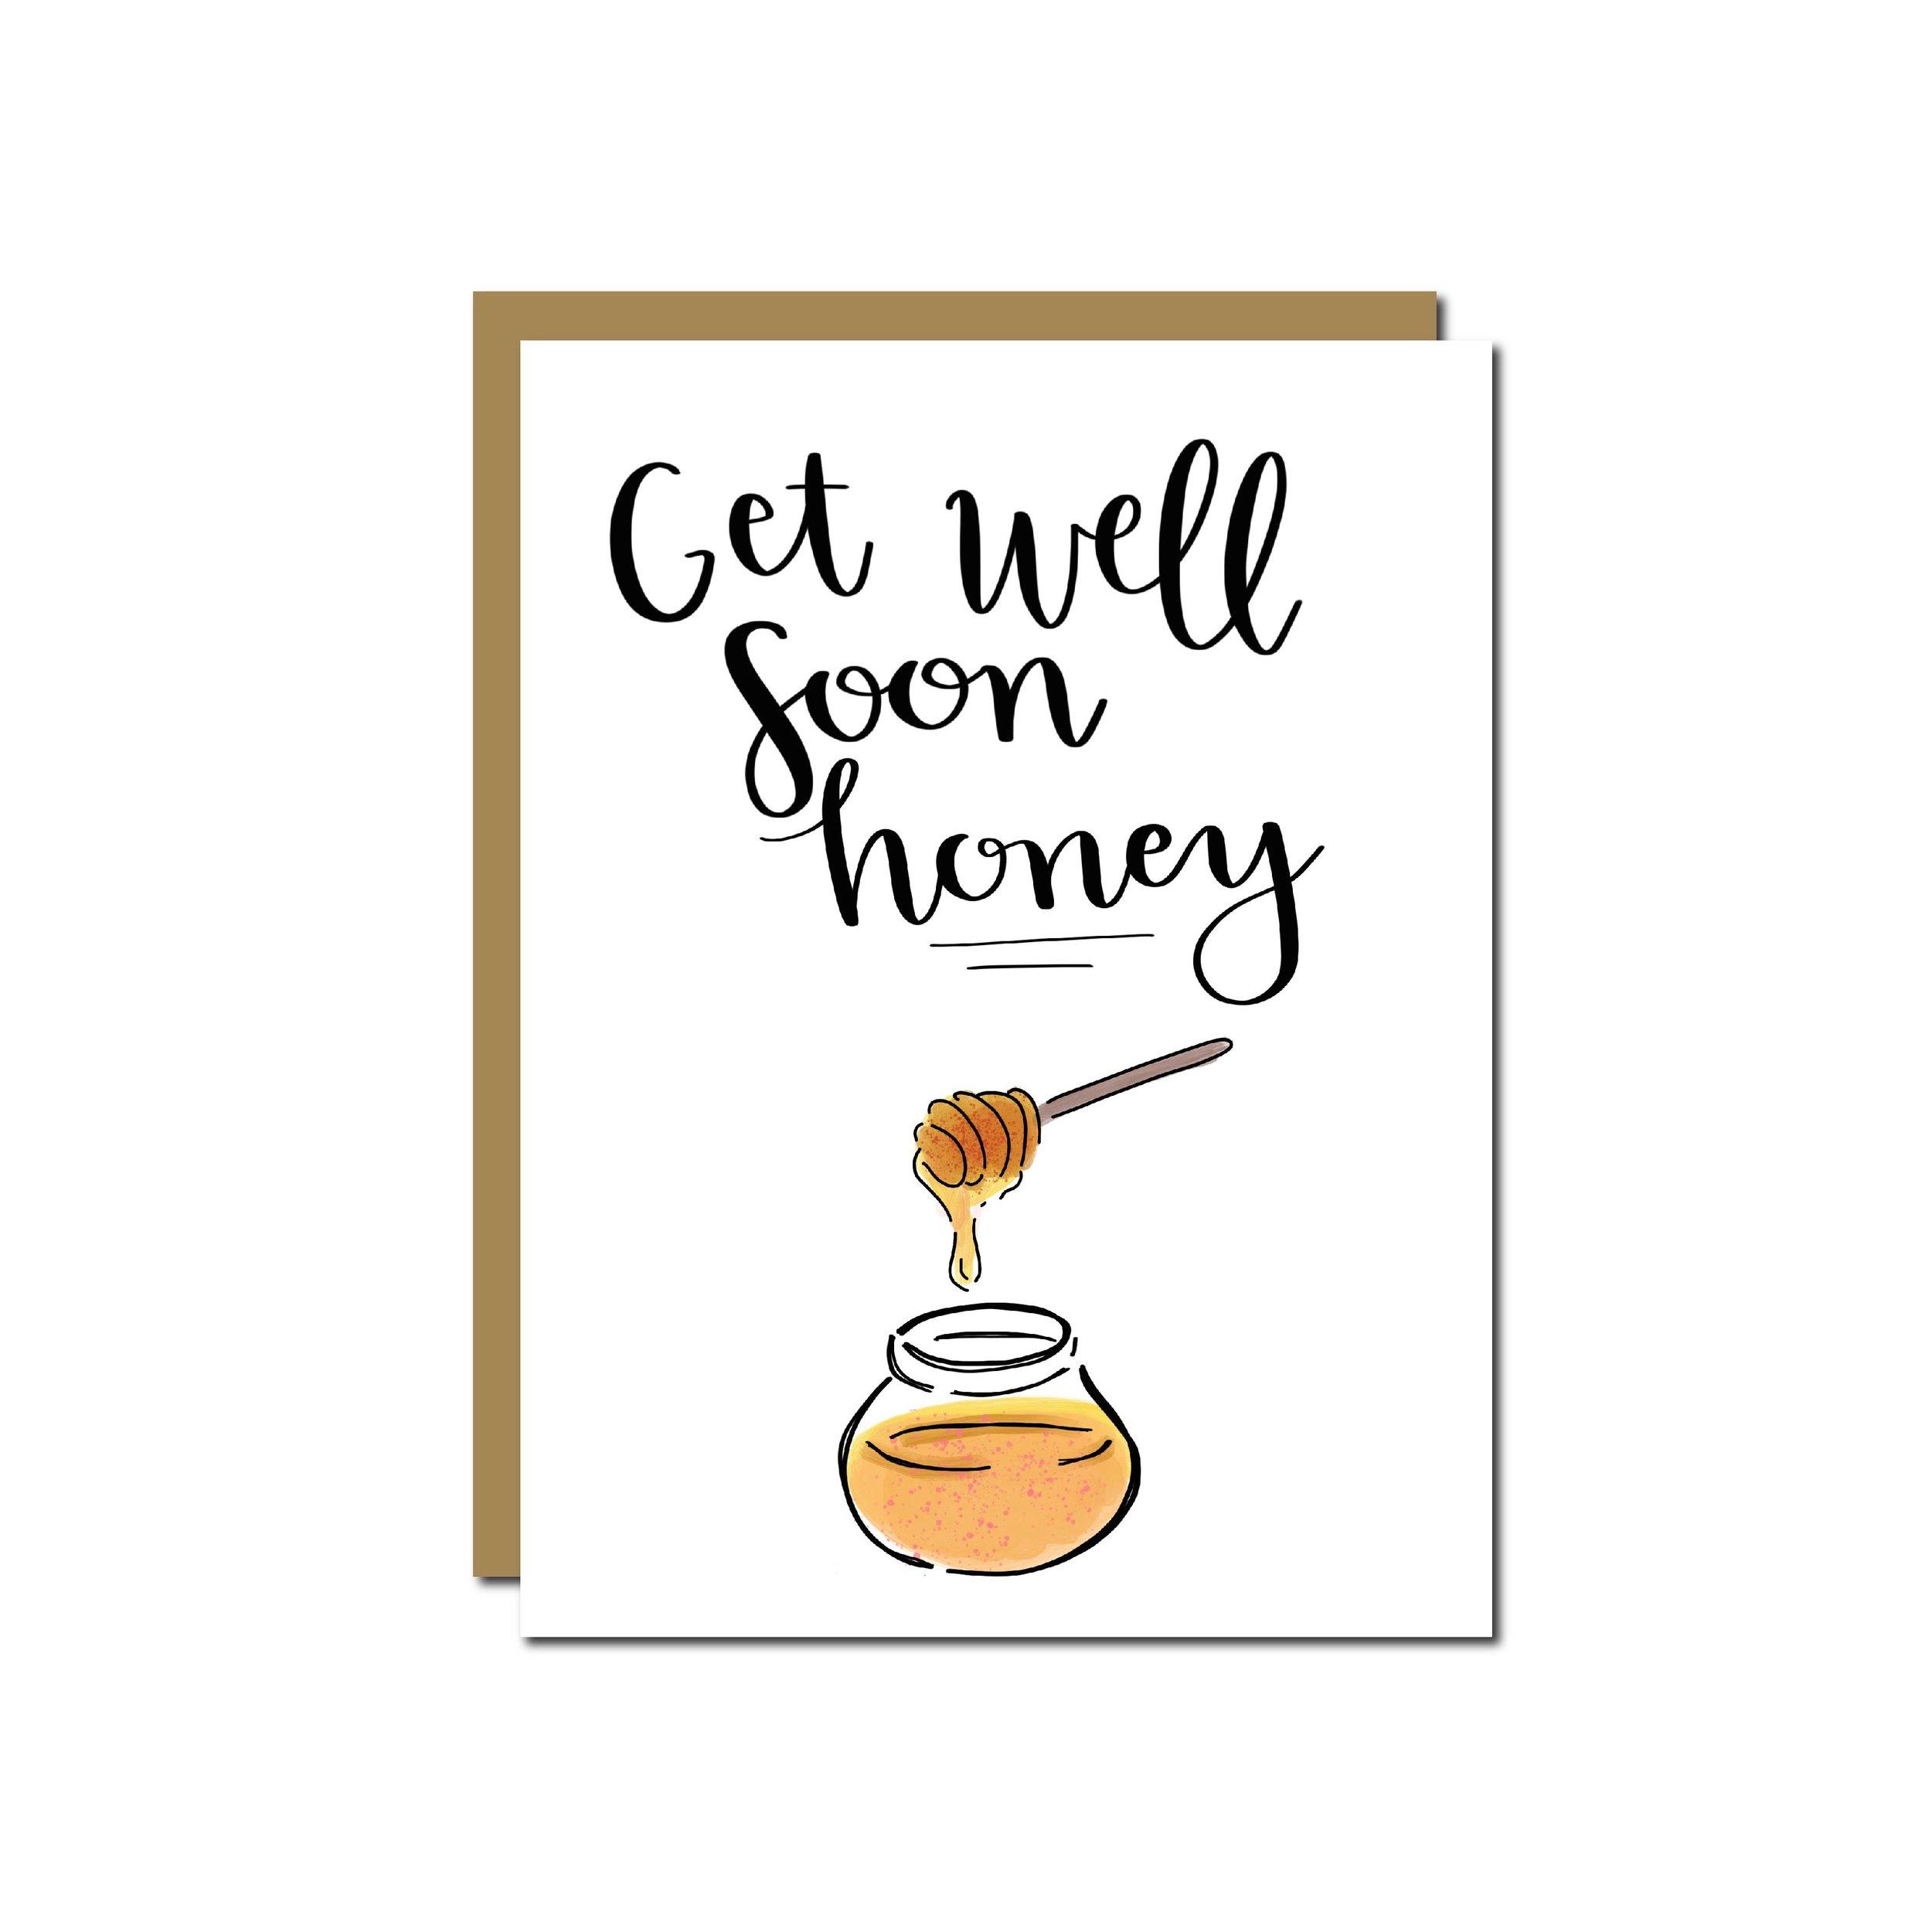 honey-06.jpg